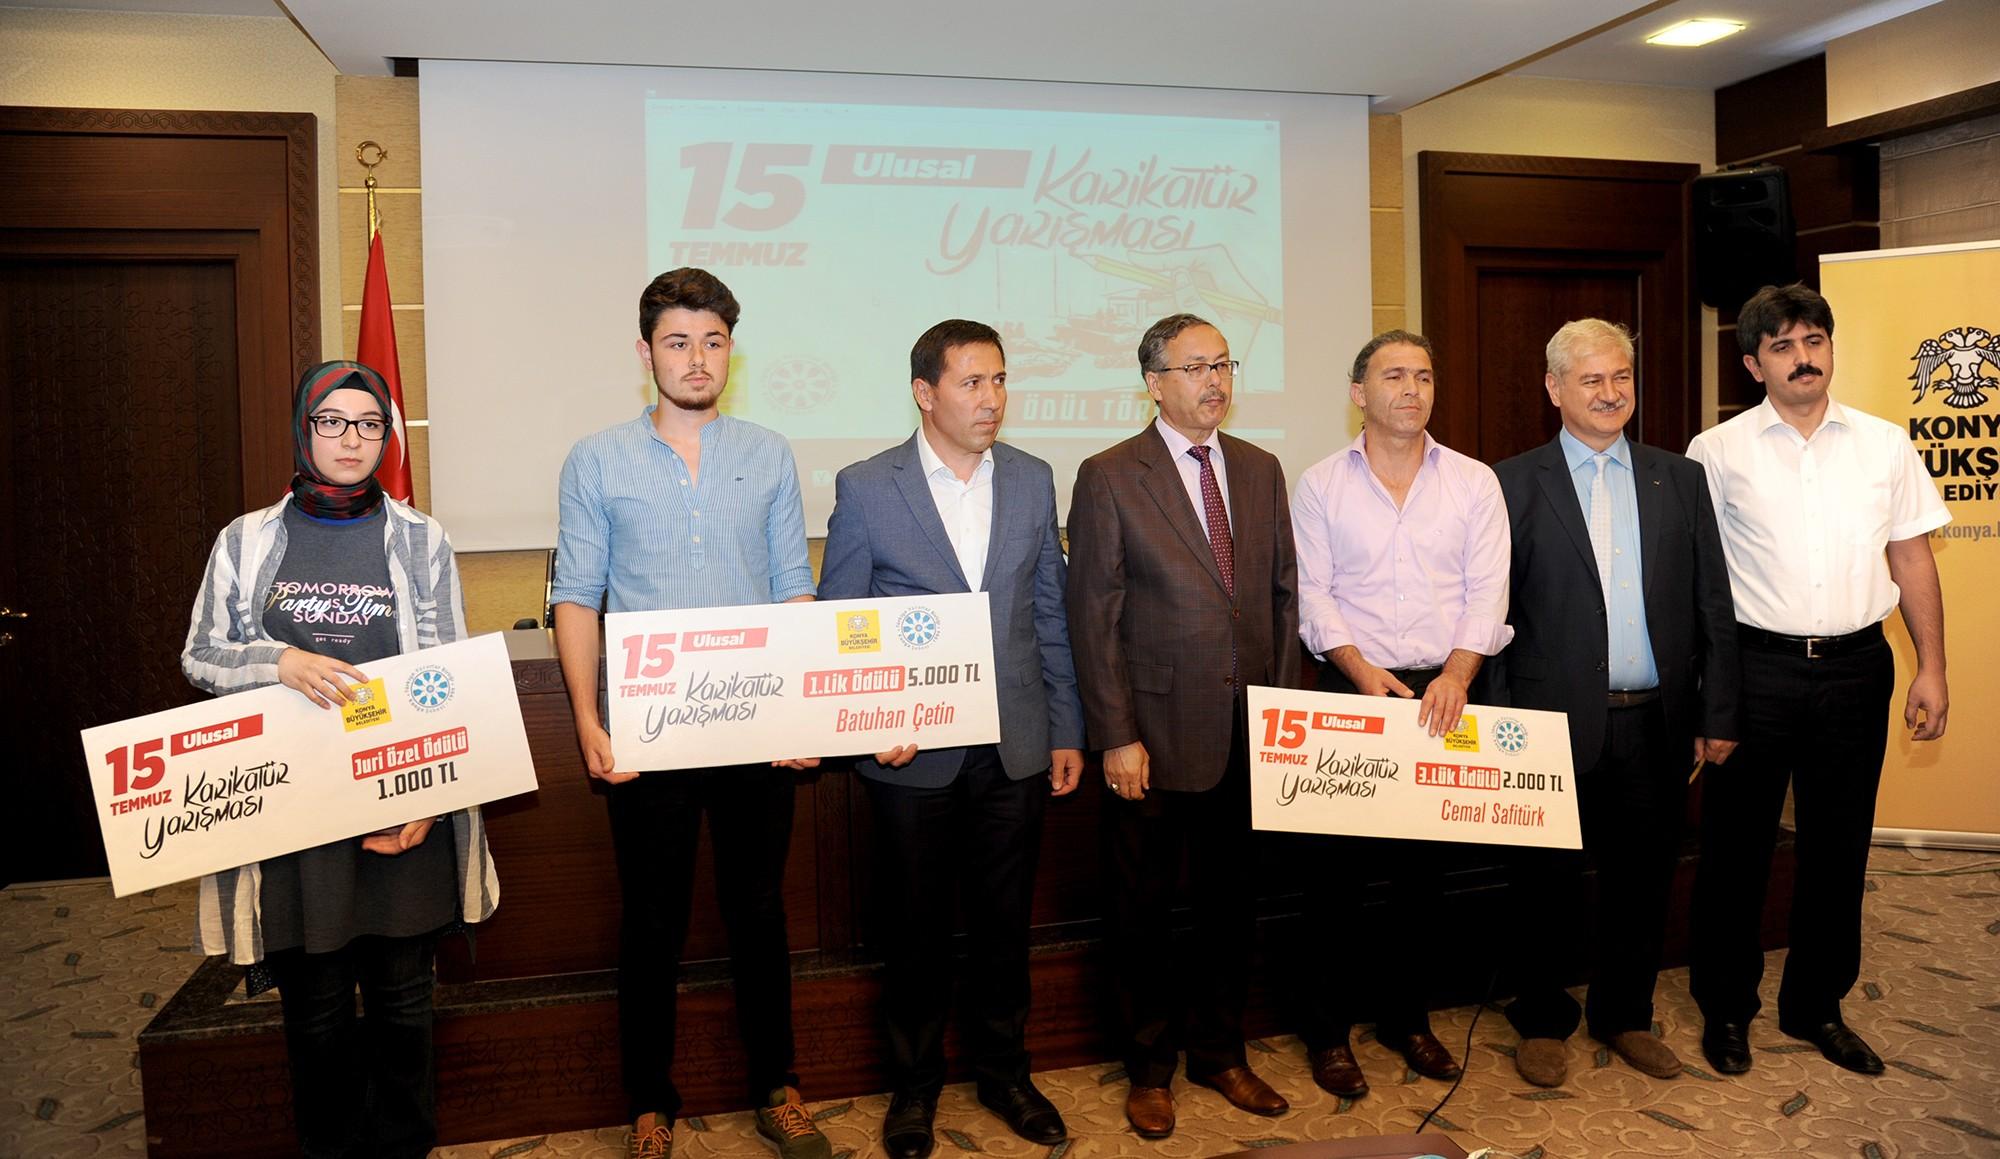 15 Temmuz konulu karikatür yarışmasında ödüller verildi